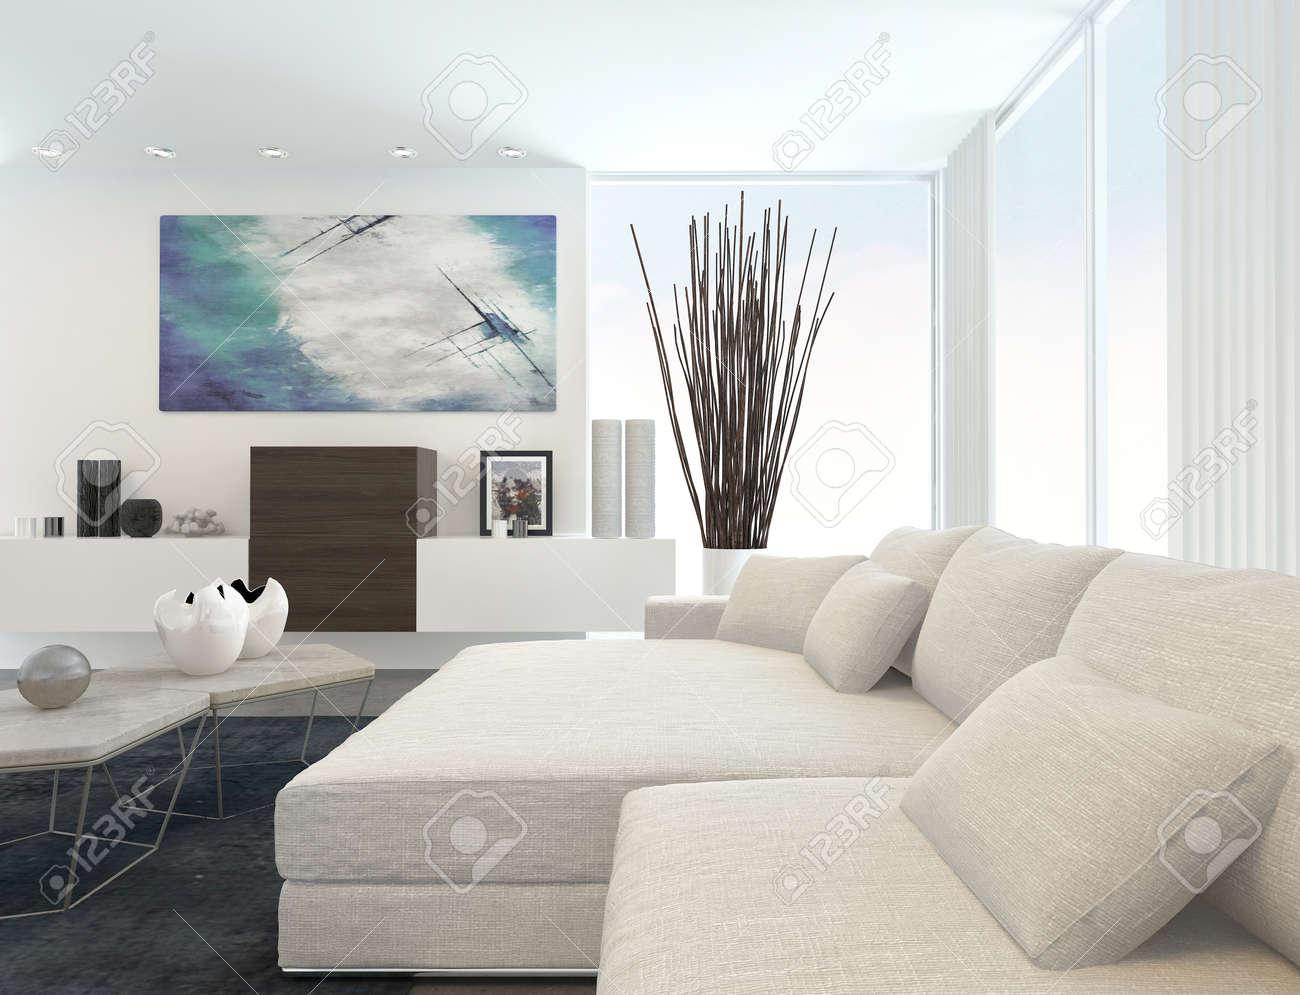 Innere Des Modernen Wohnzimmer In Wohnung Mit Weißen Möbeln ...